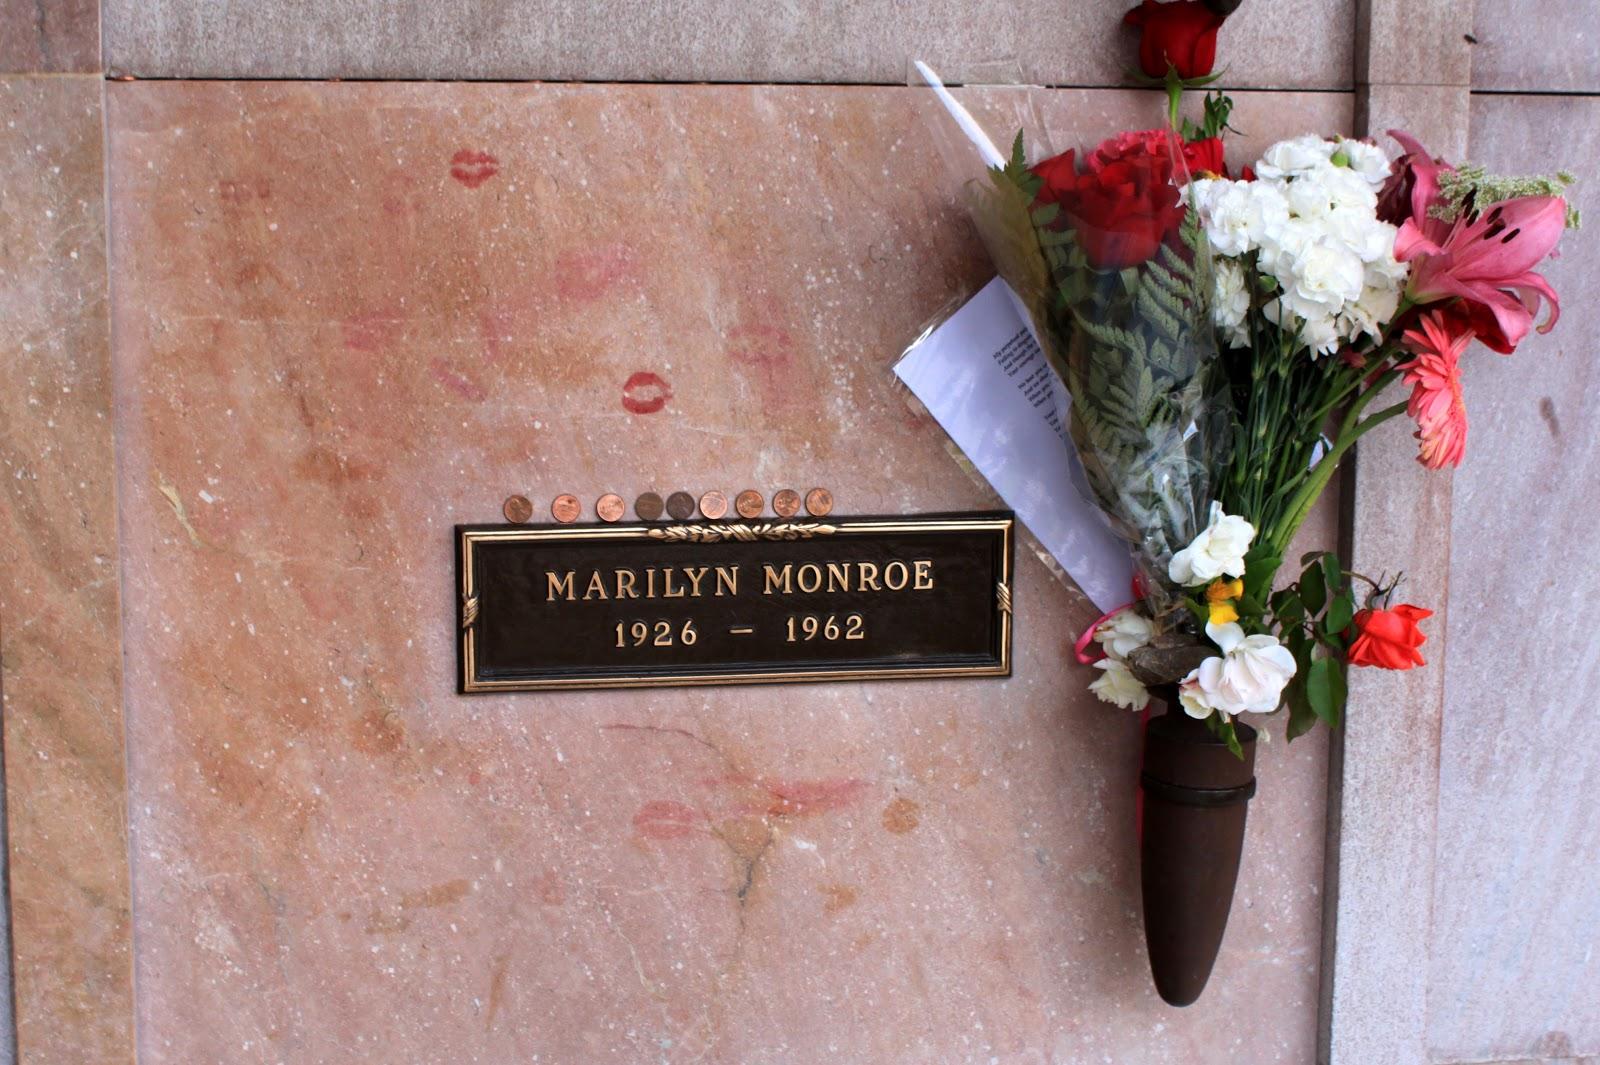 http://4.bp.blogspot.com/_b_u832Cfidk/TJ-gGH7aW_I/AAAAAAAADqI/ZYAjI-SZMdg/s1600/Marilyn_Monroe.jpg